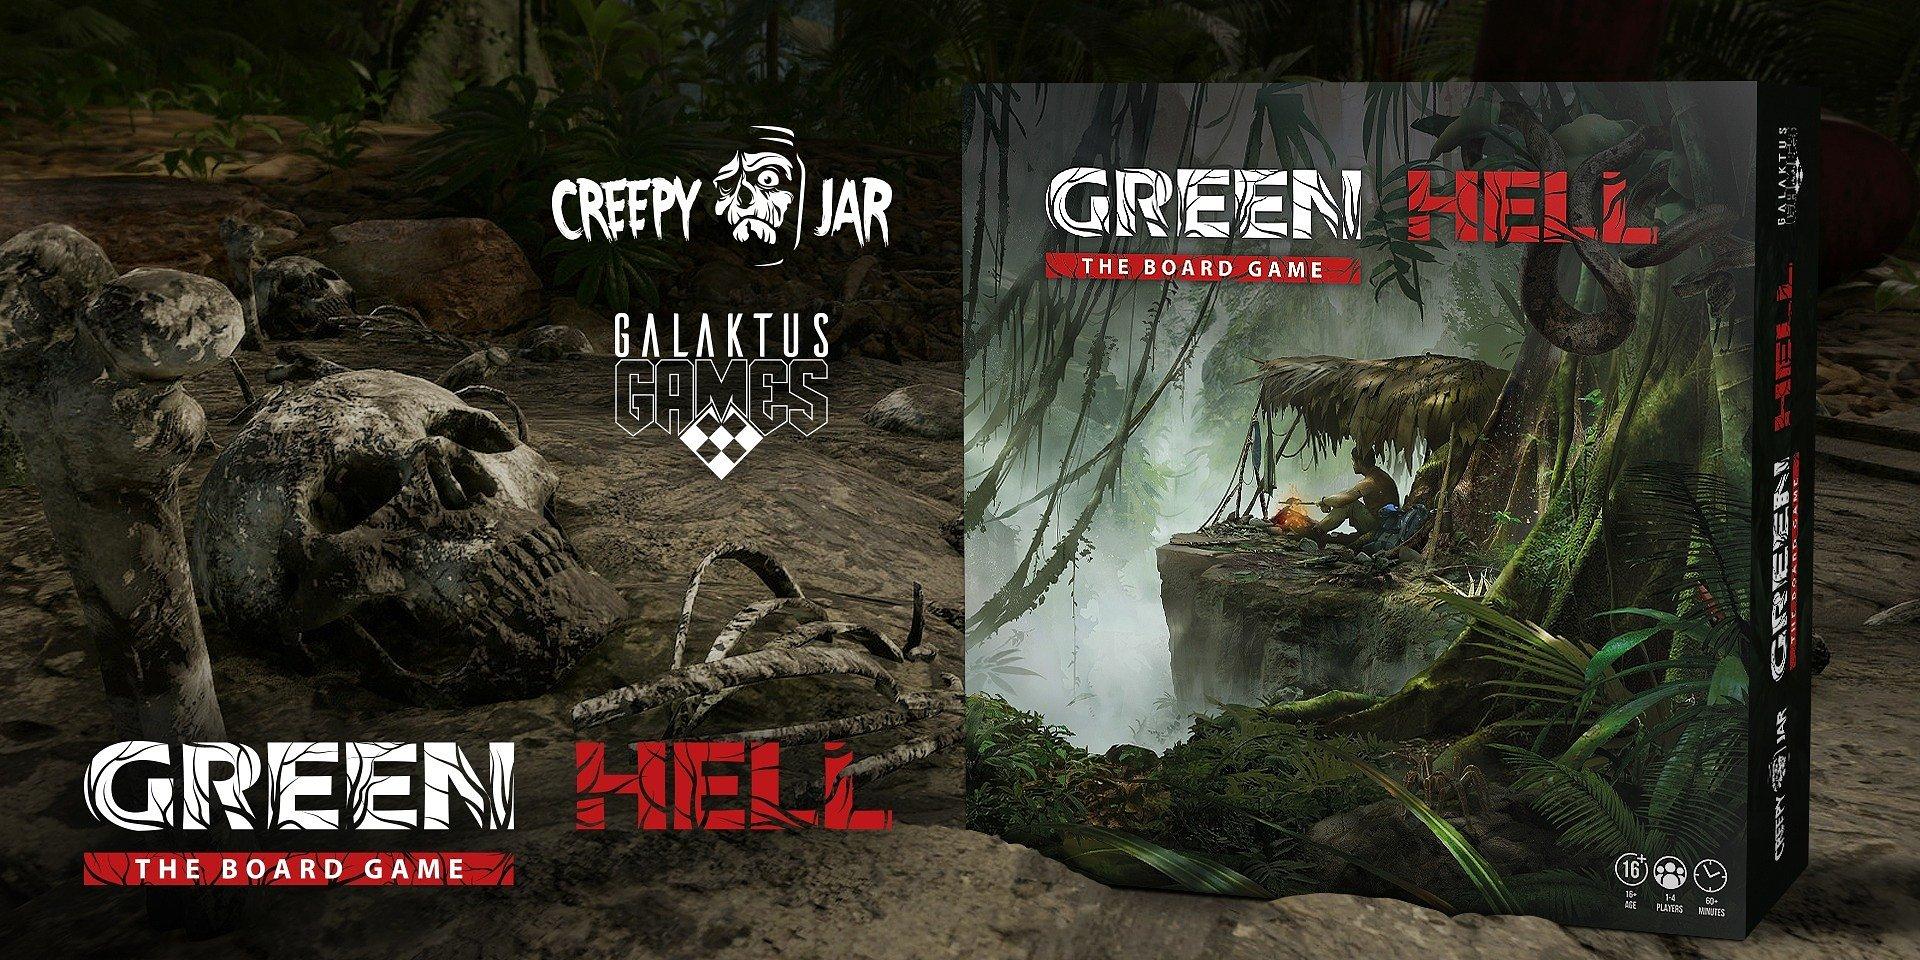 Green Hell: The Board Game coraz bliżej kampanii na Kickstarterze – poznajcie zasady gry!